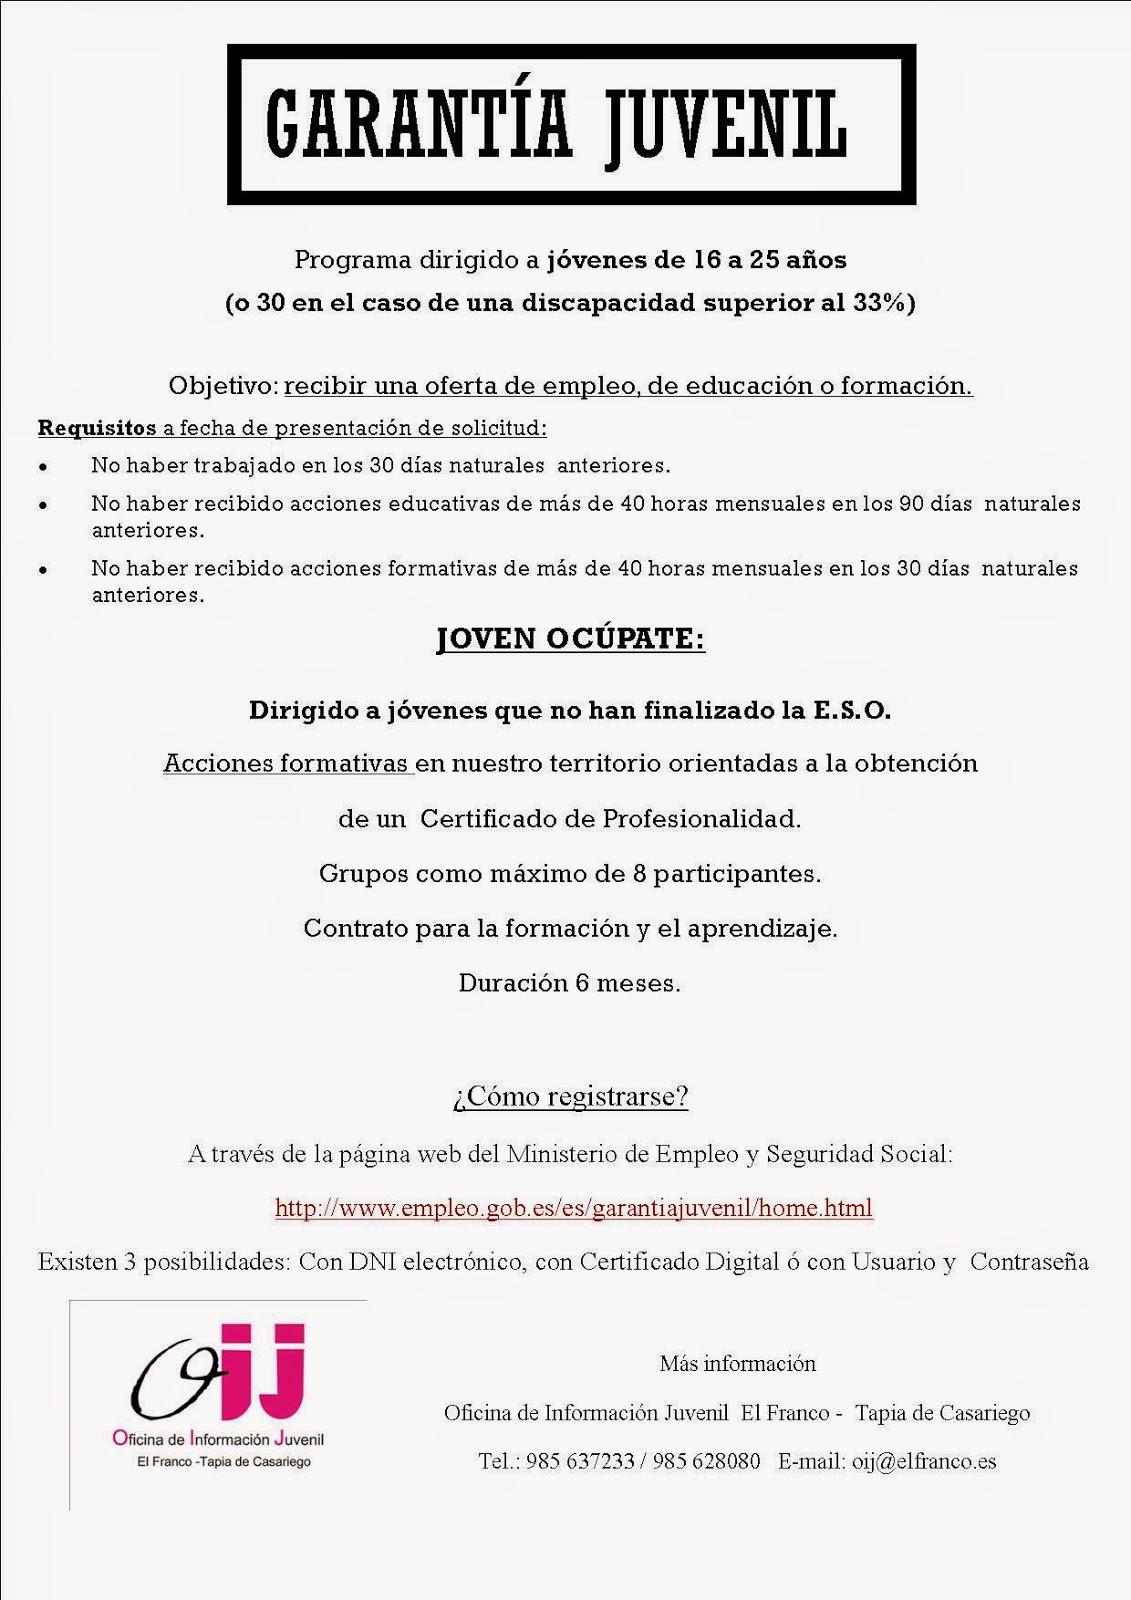 Blog de la oficina joven de los ayuntamientos de el franco for Oficina certificado digital